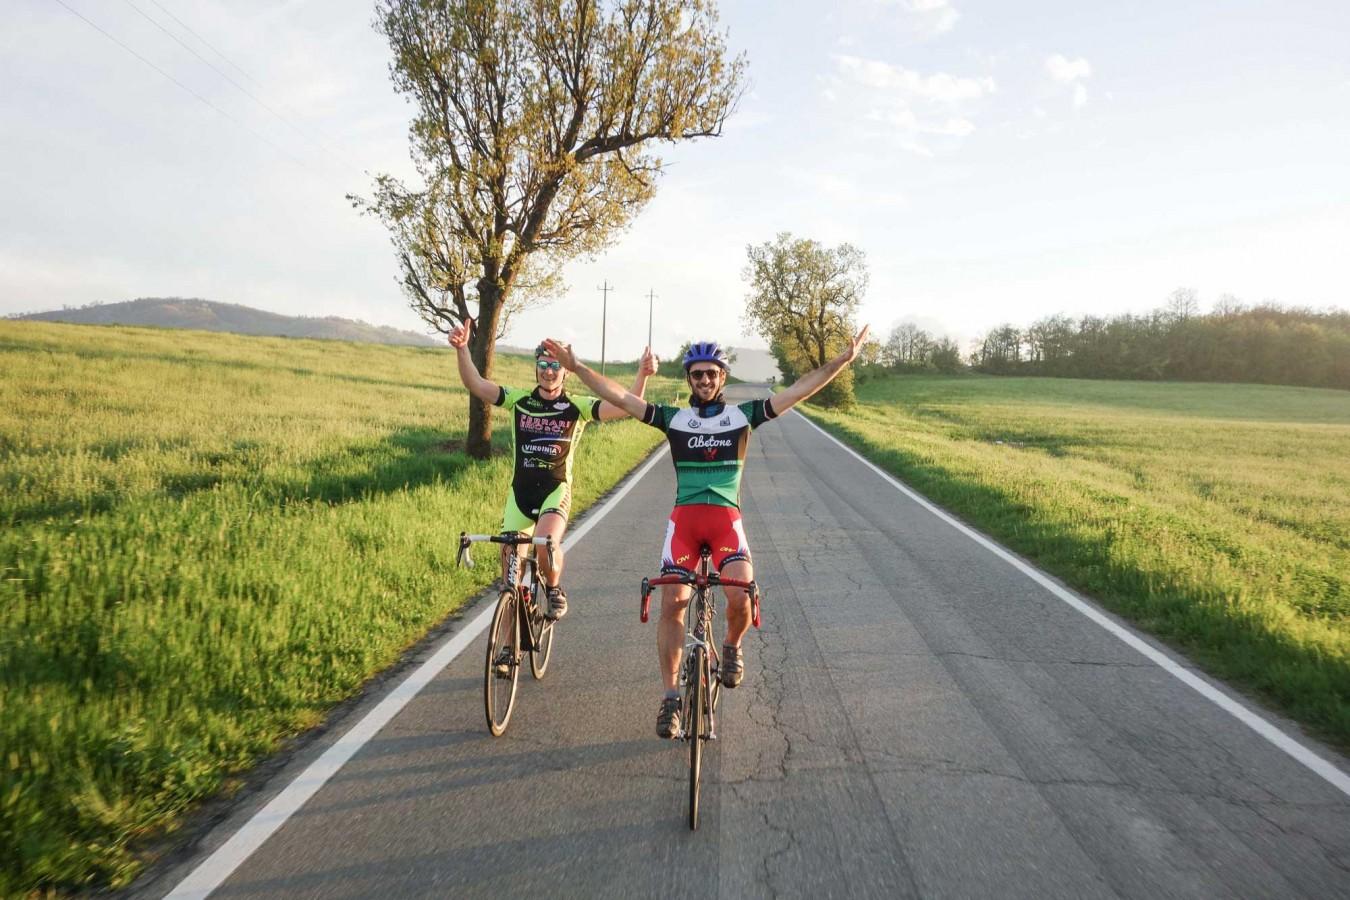 erman.bike-erman-bike-herman-evening-ride